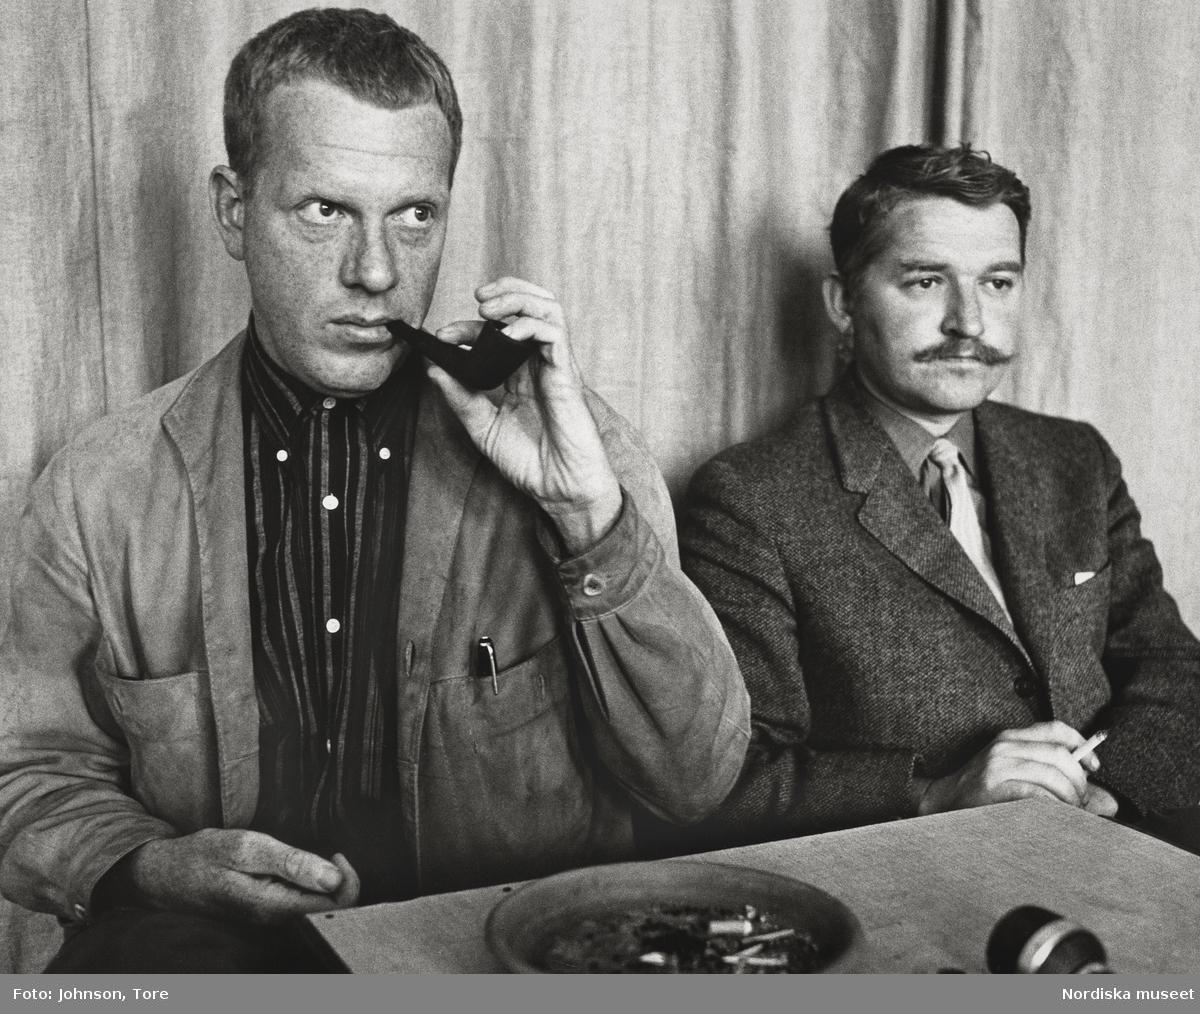 Porträtt av Hasseåtage: Hans Alfredson (född 1931) och Tage Danielsson (1928-1985). Danielsson med pipa i munnen, Alfredson röker cigarrett.